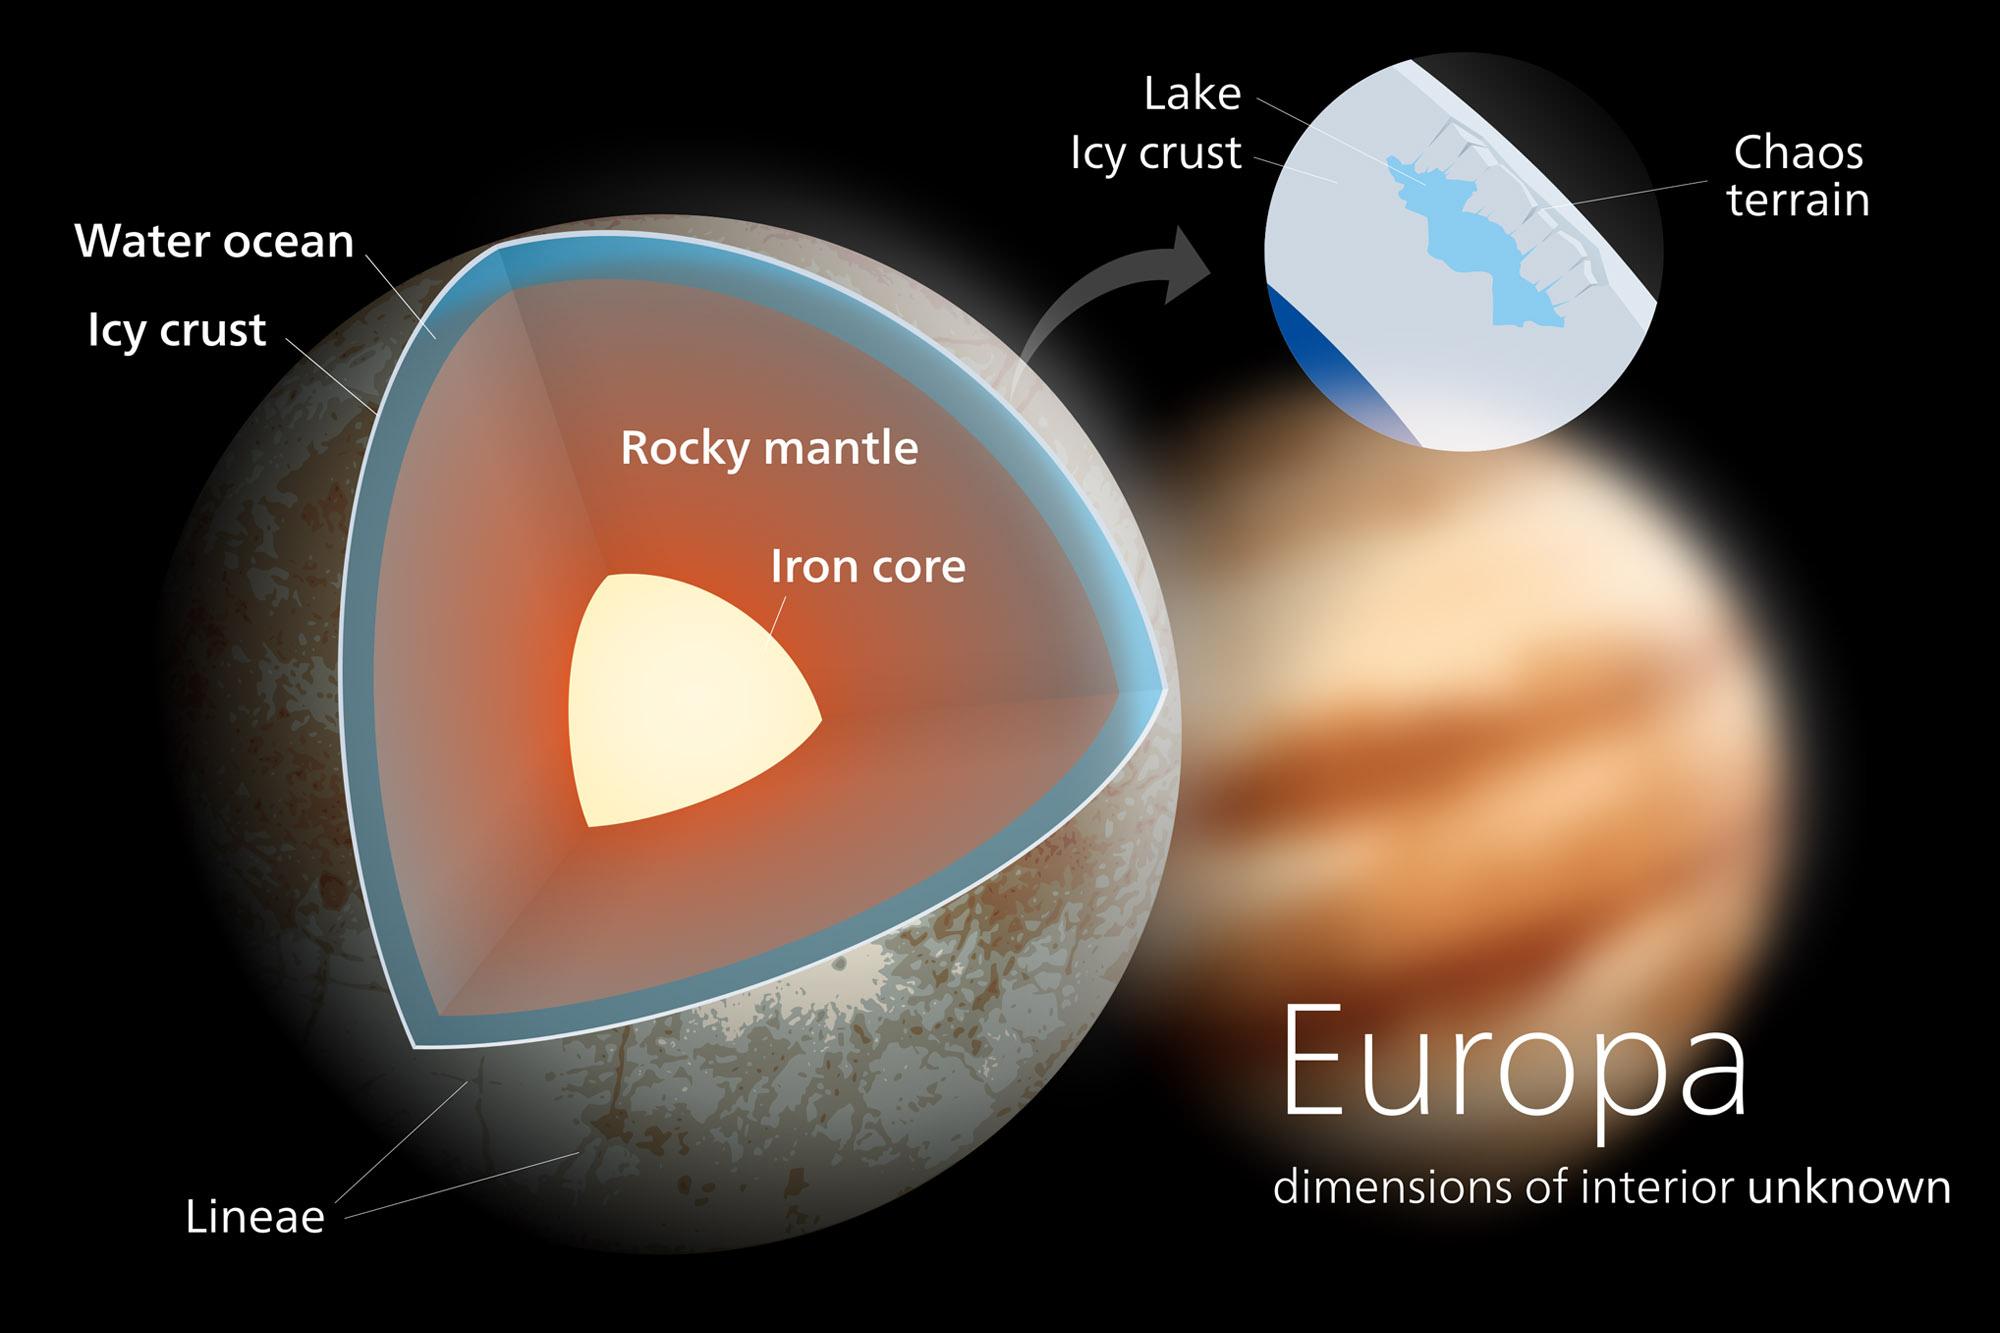 Europa ndash Jupiter s moon satellite ice planet subsurface